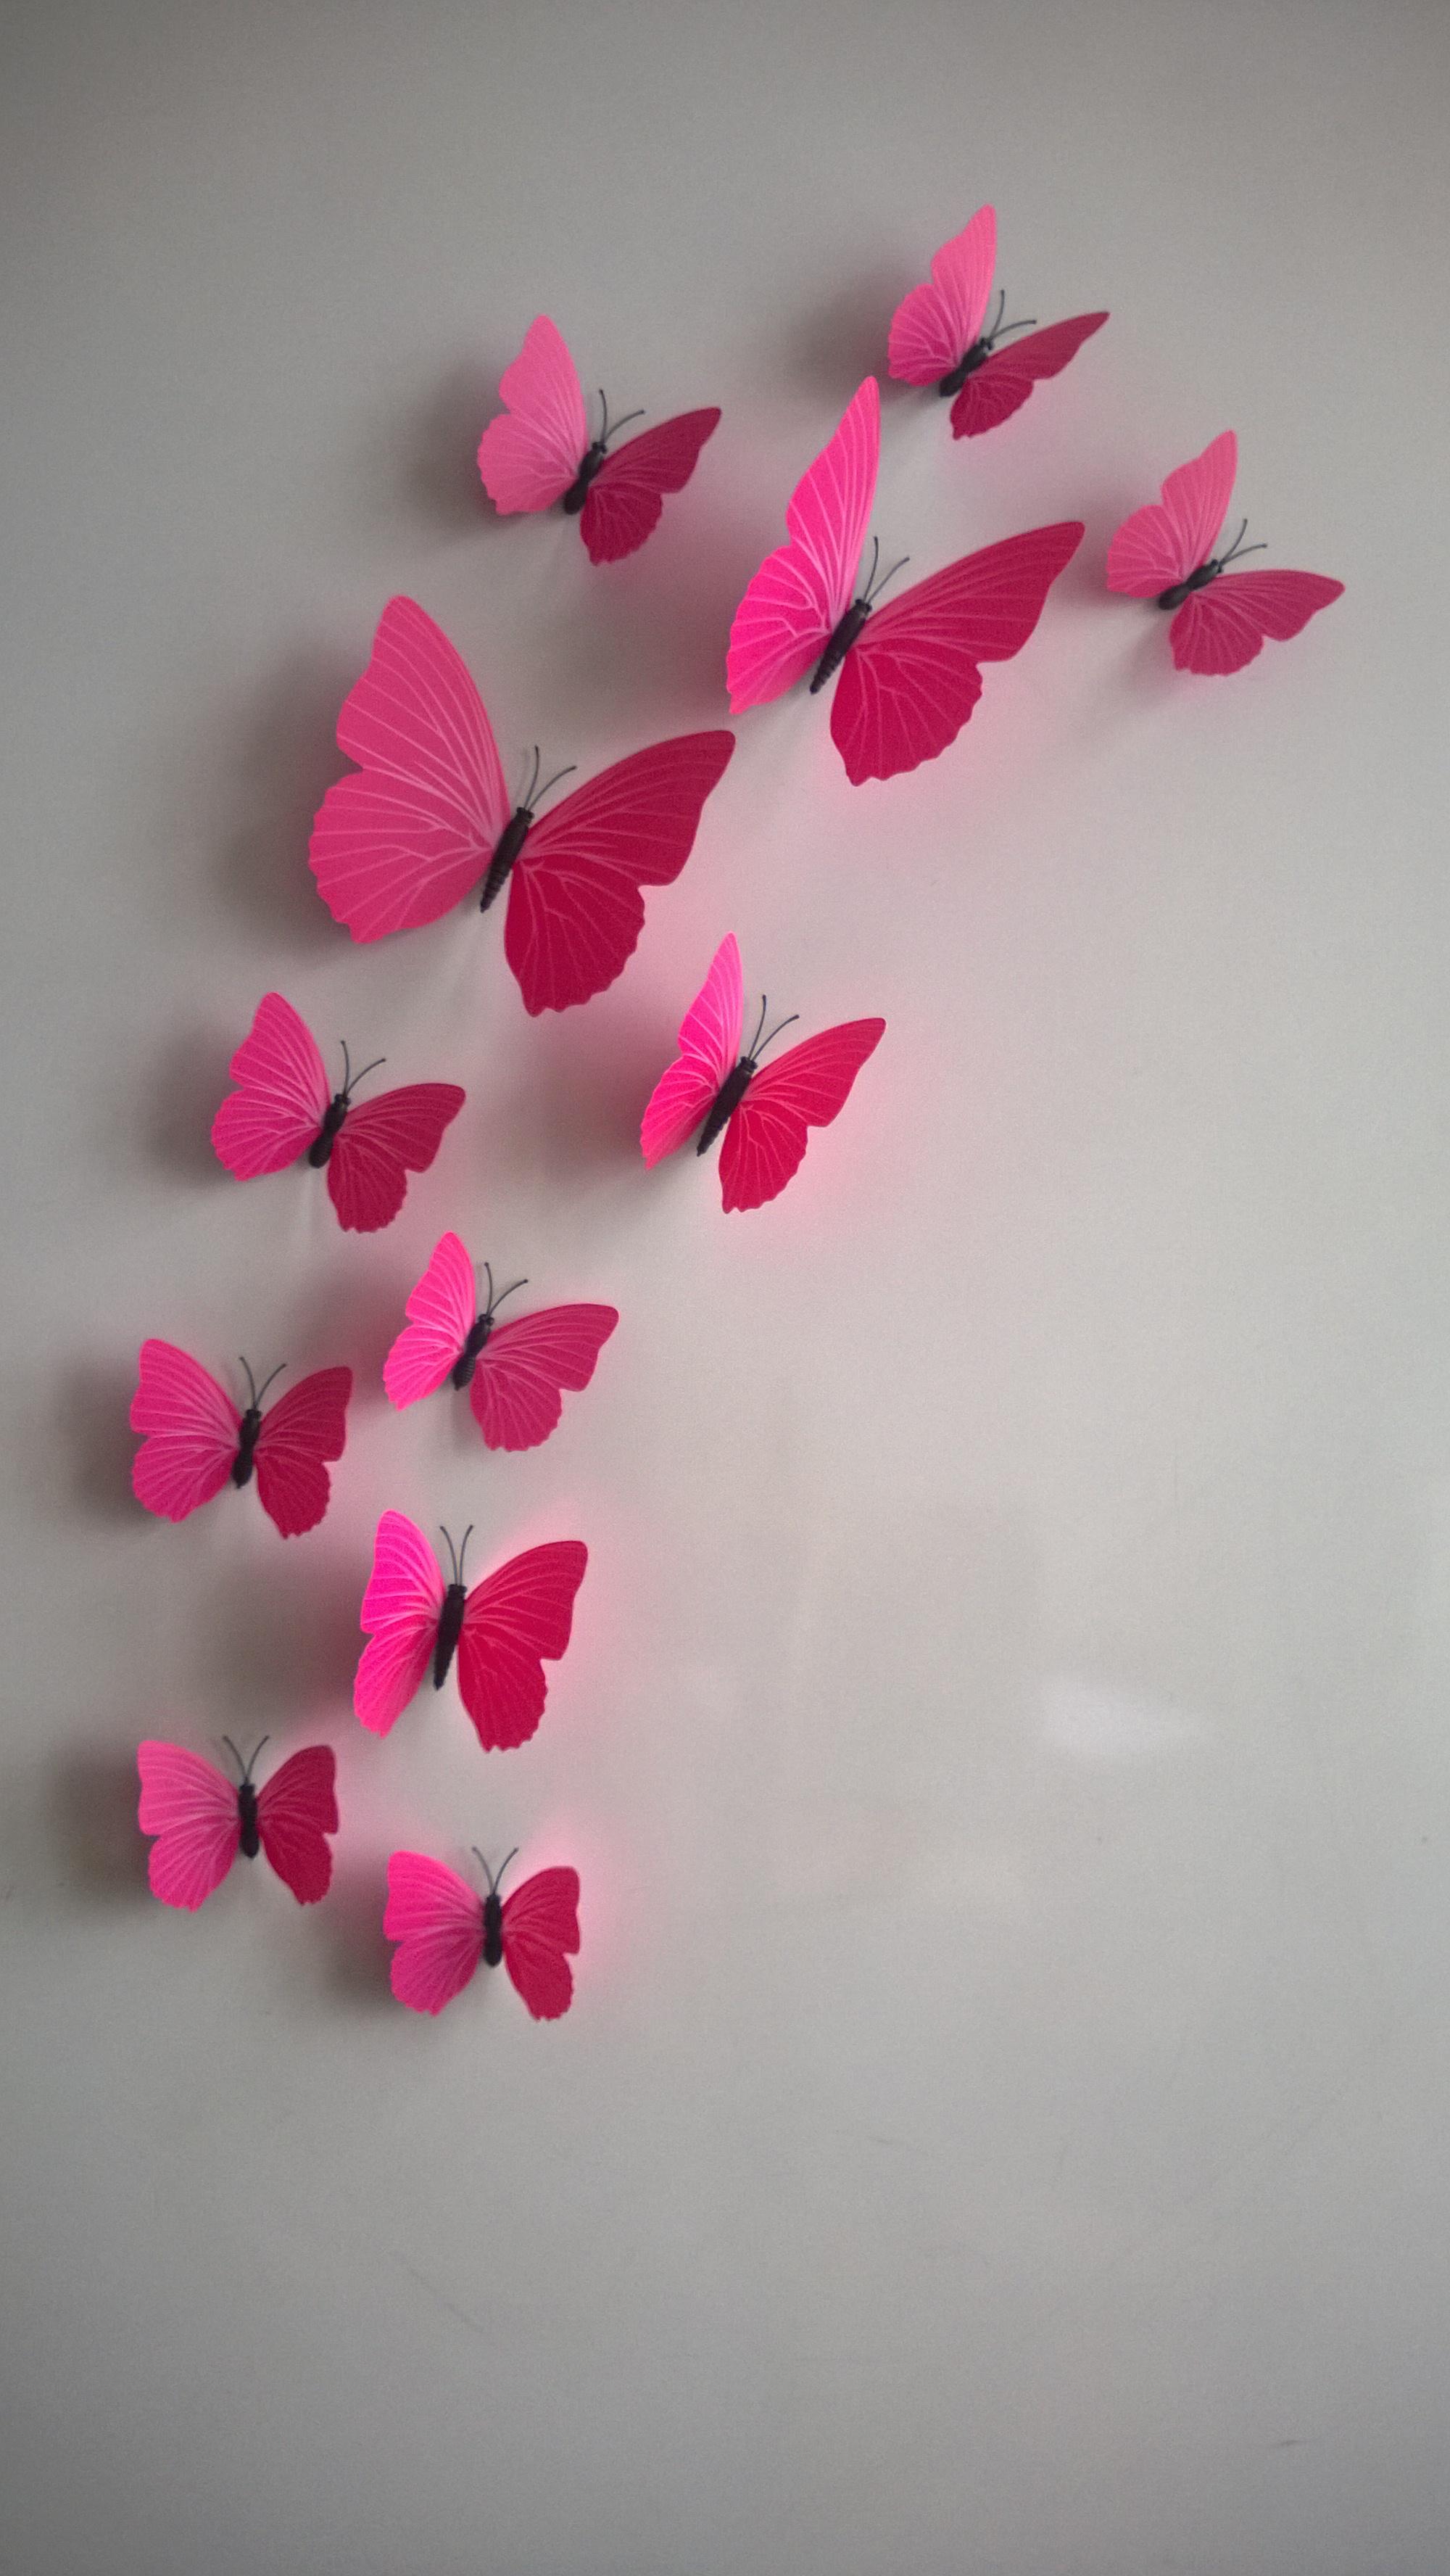 3D 12 Butterflies Vivid Lovely Mural Vinyl Decal Decor  Wall Sticker Sunhill